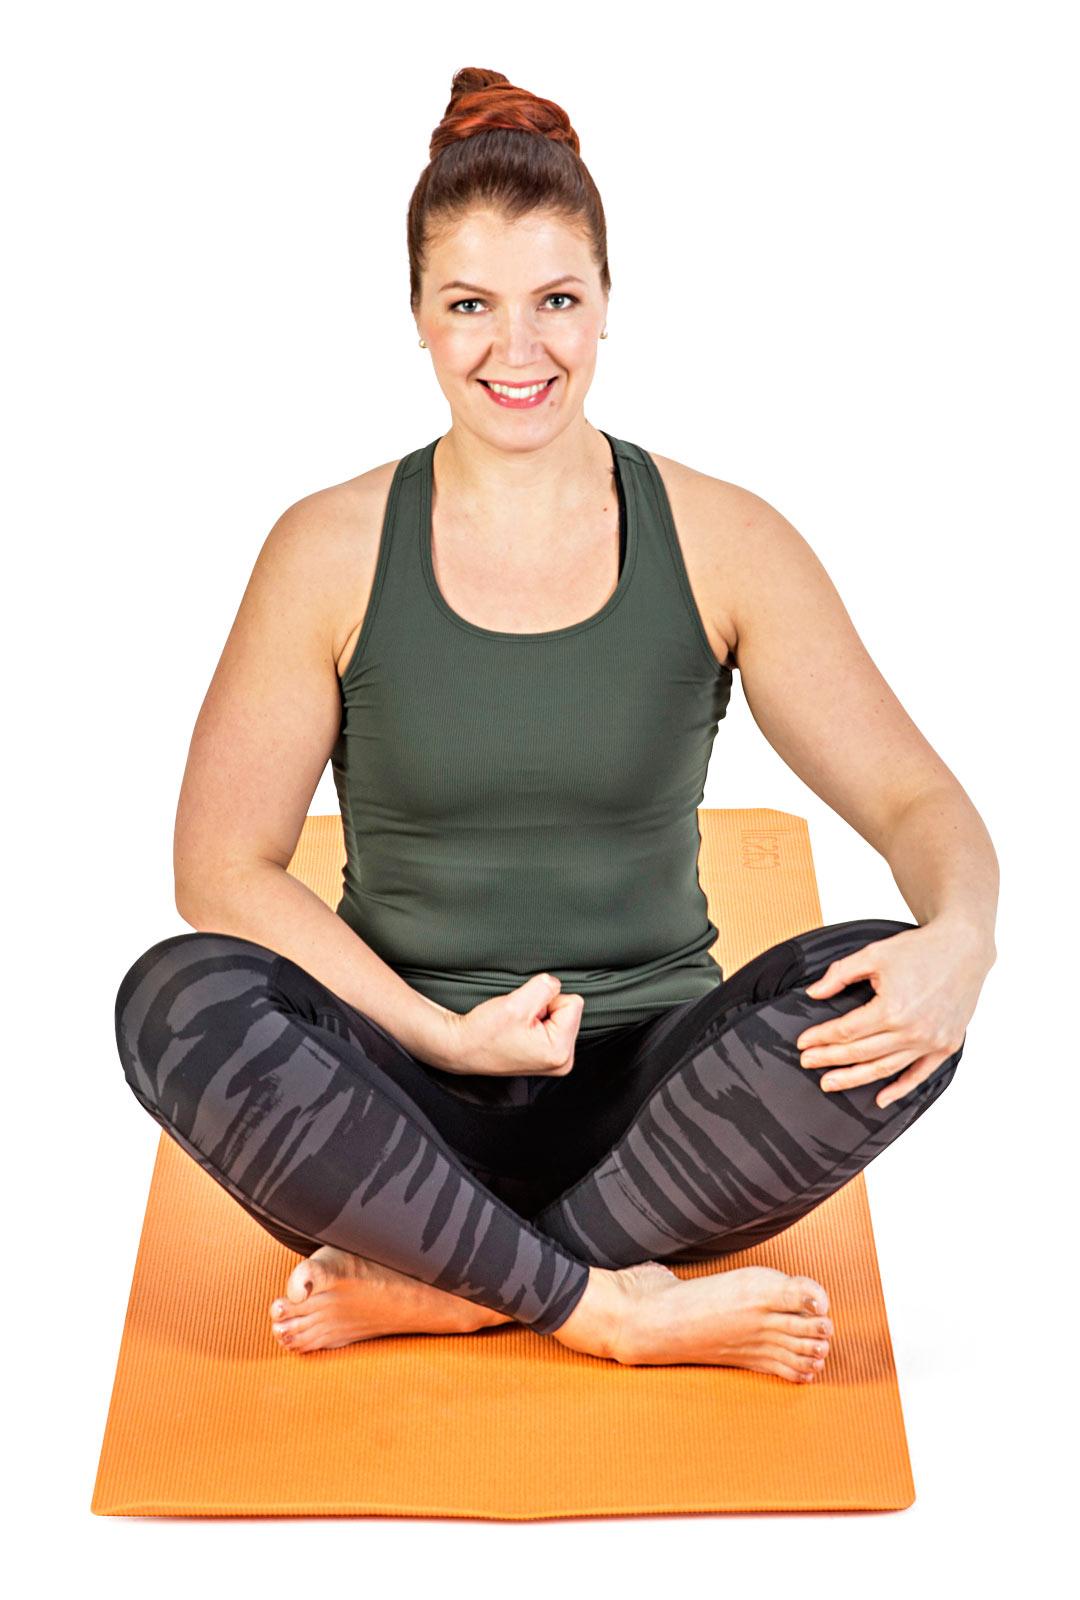 Tunnustele lihaksia kädellä istuinkyhmyn sisäpinnalta.